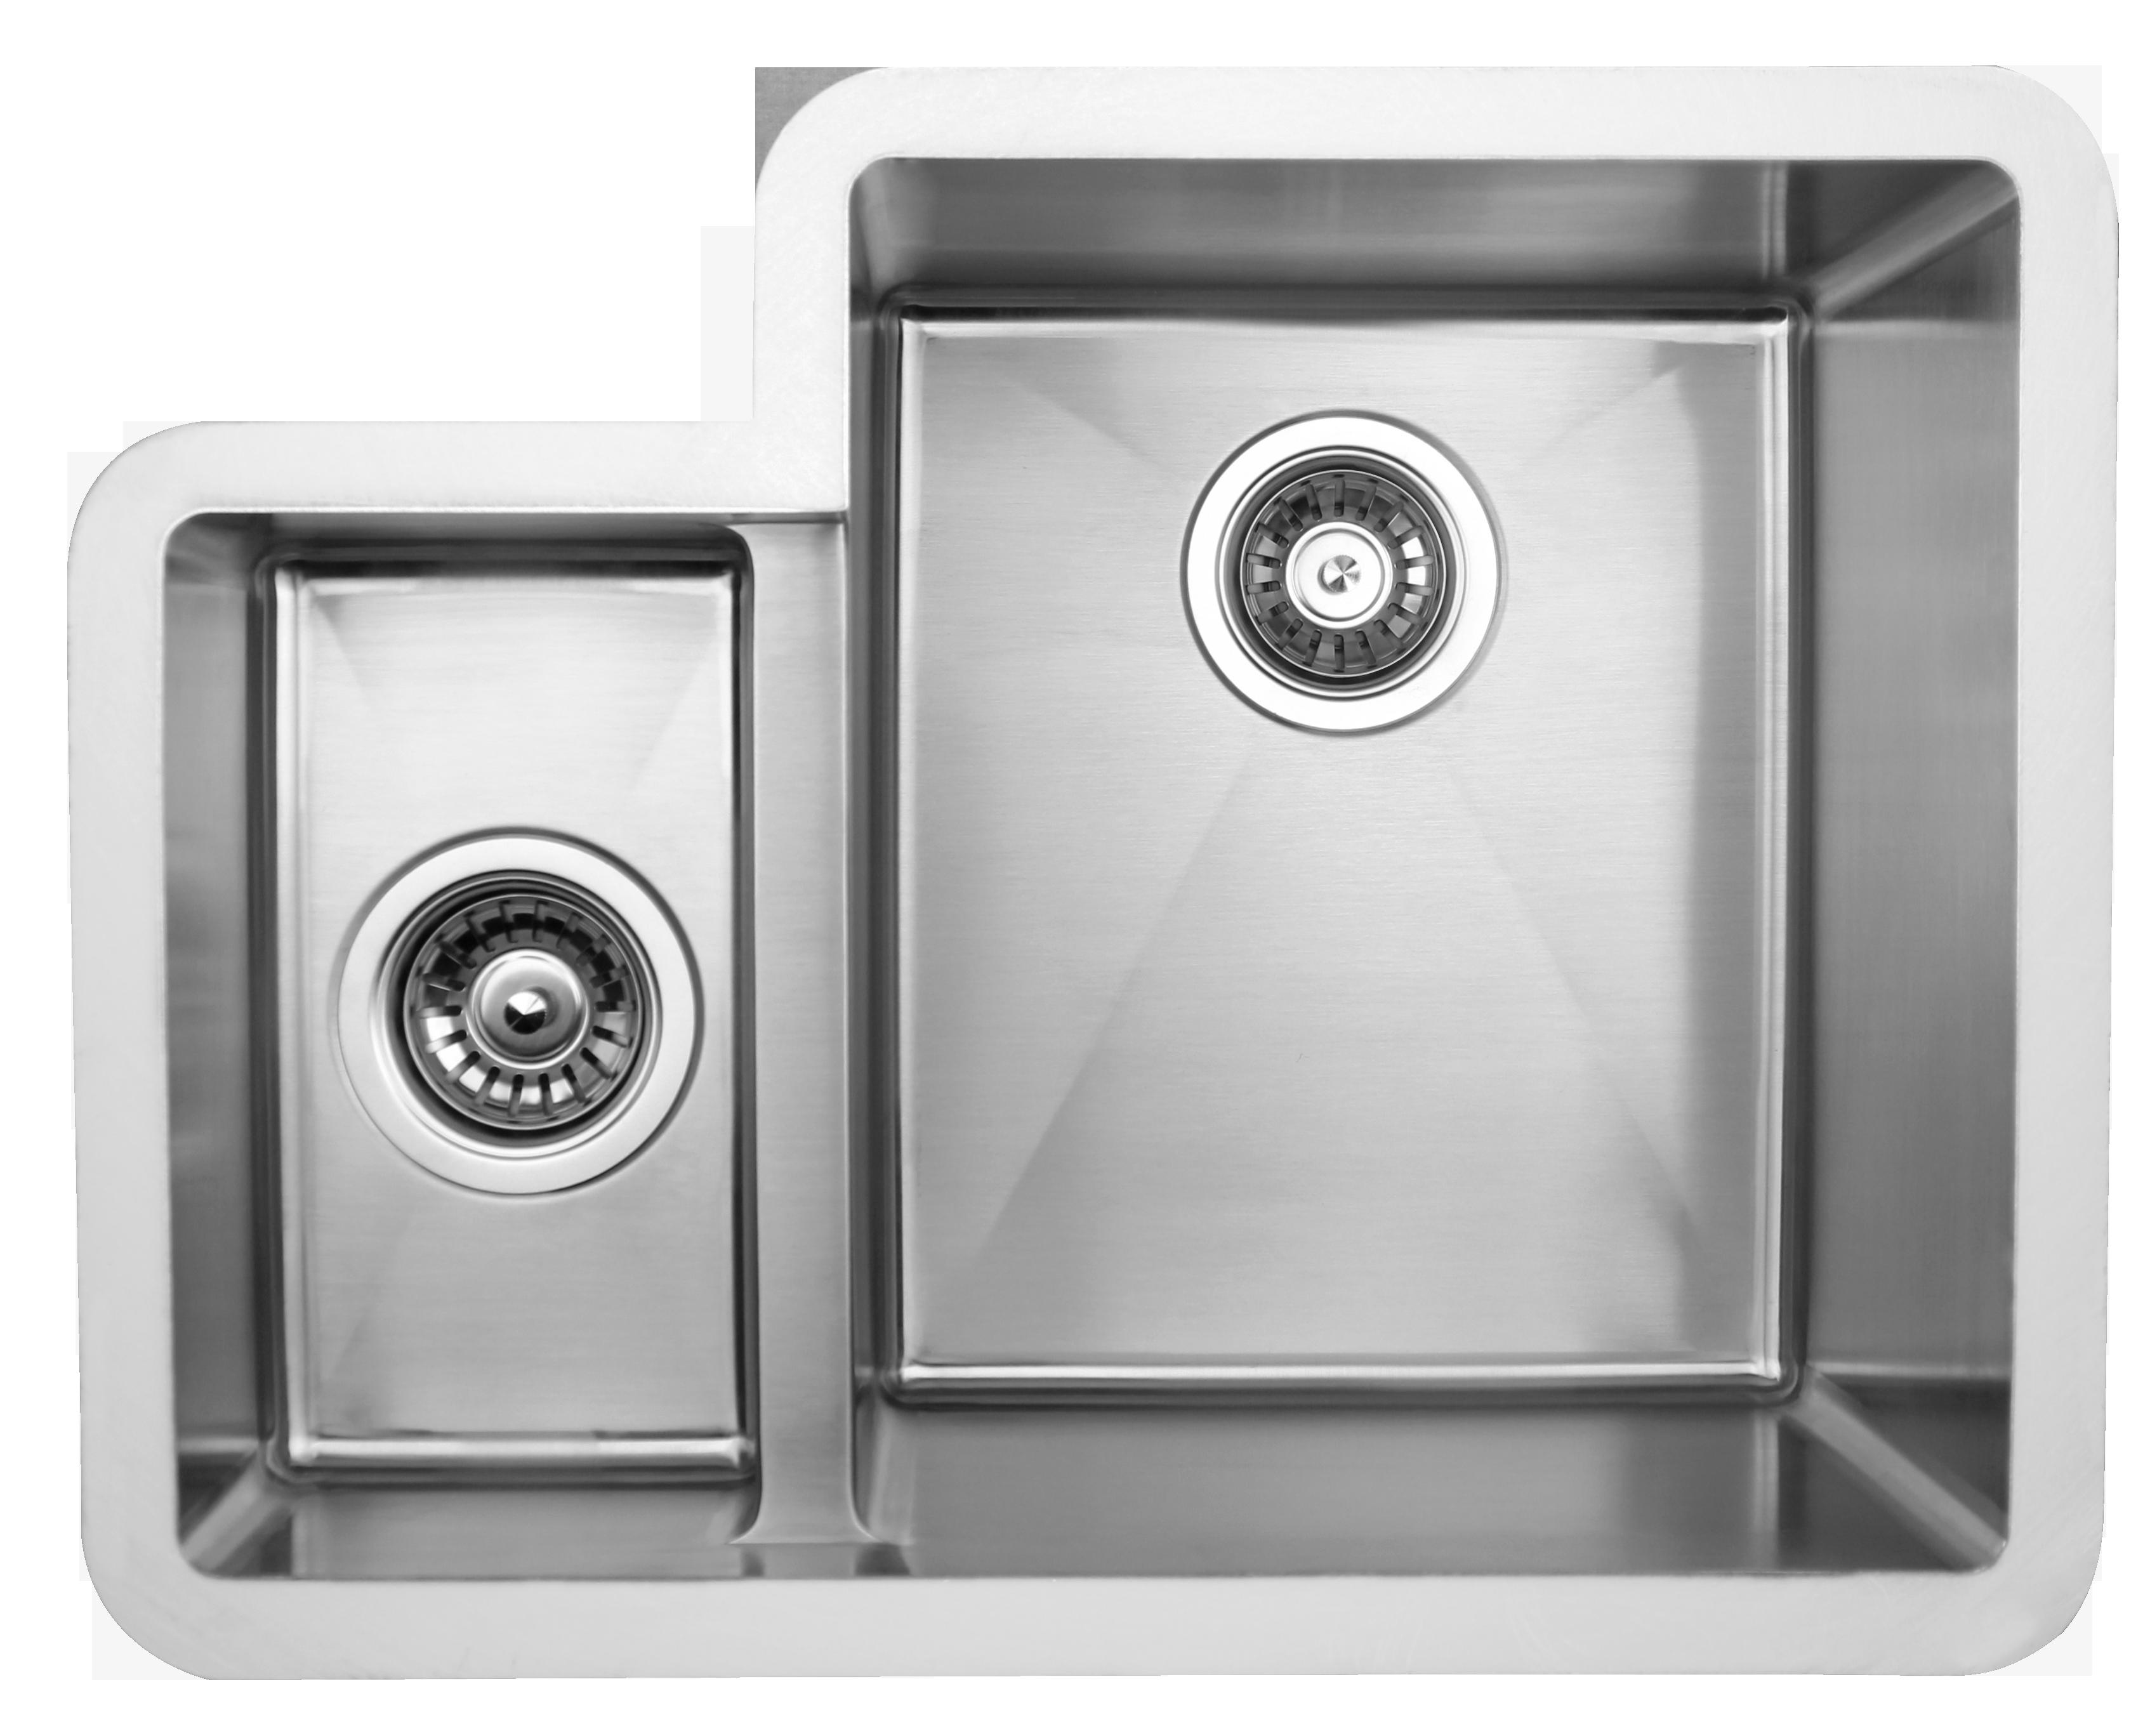 Edelstahl doppel Spüle für Küchen und Objektbau Stahl